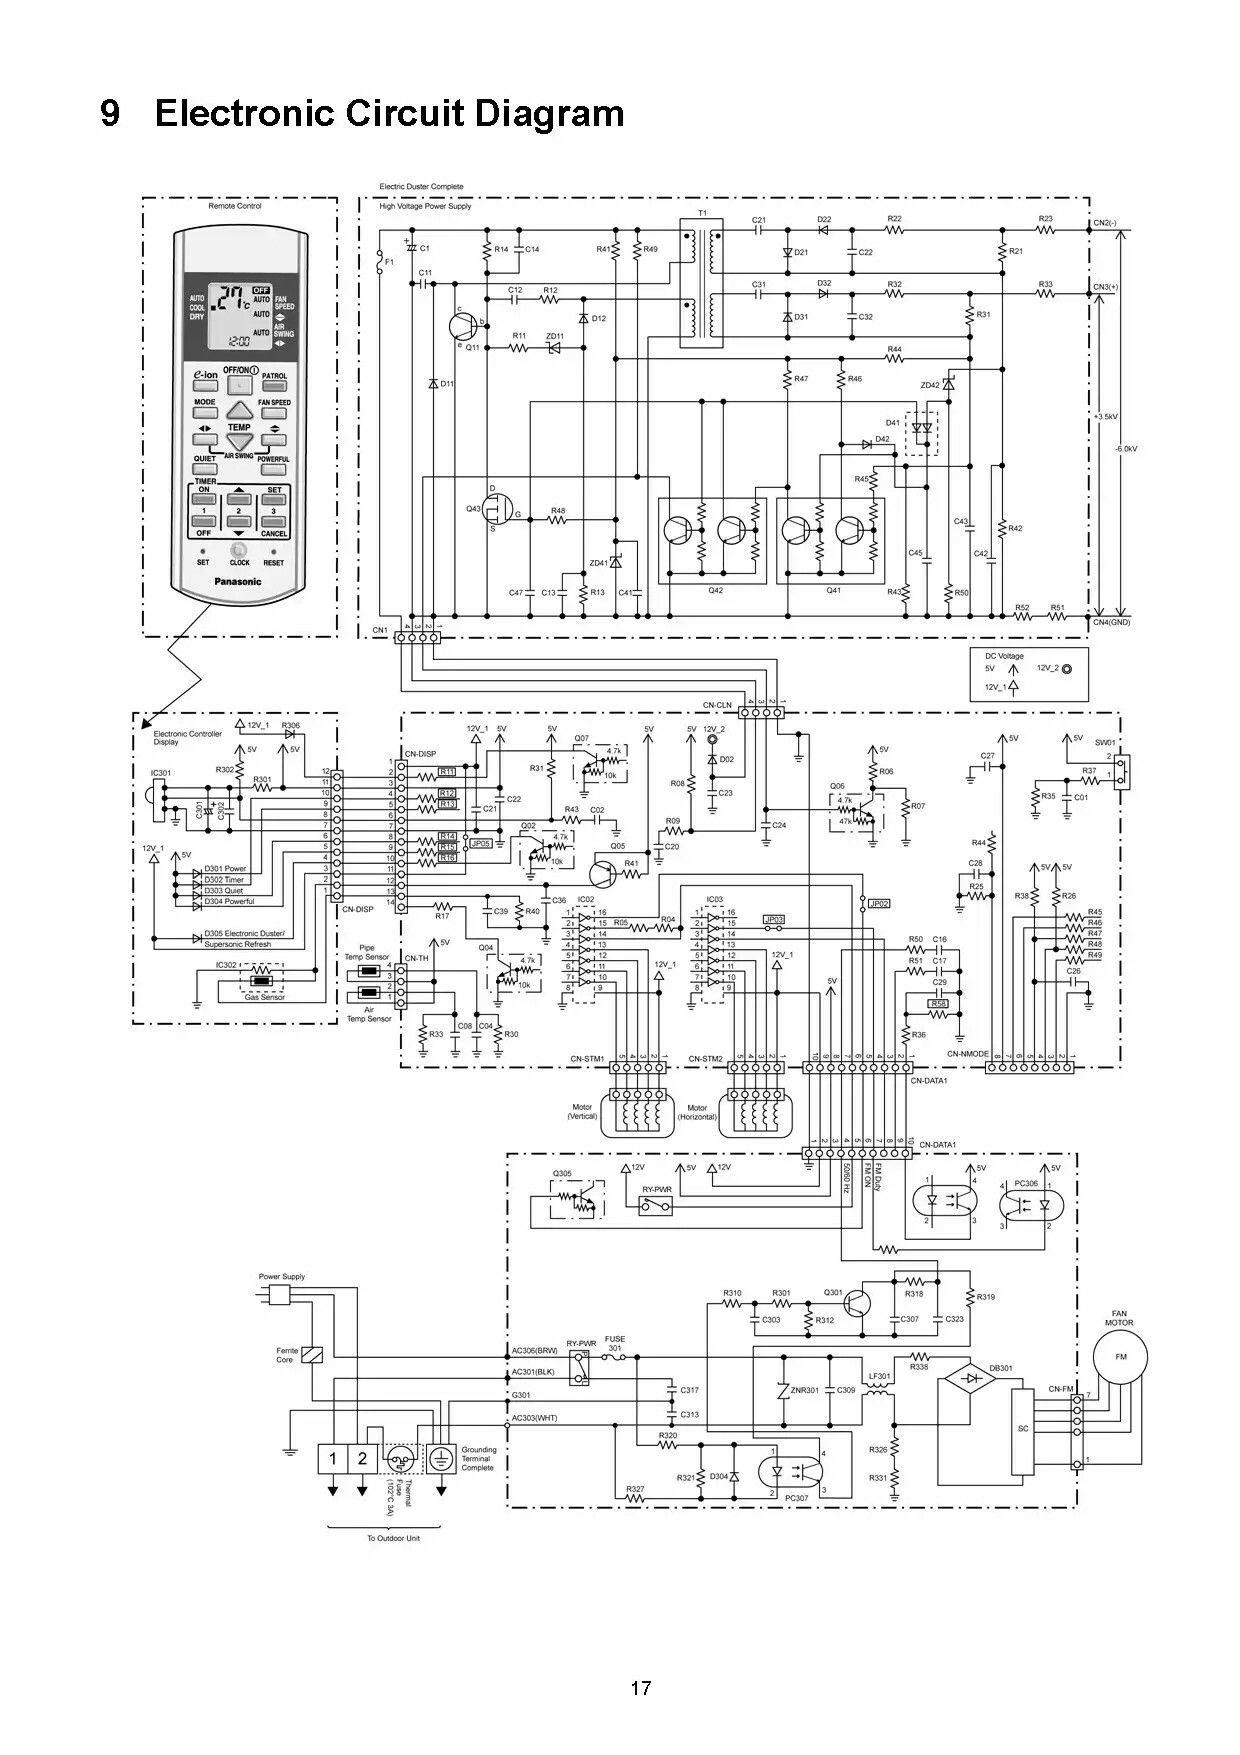 Diagrama Electrico De Tarjeta Para A A Panasonic Circuit Diagram Electronics Circuit Diagram